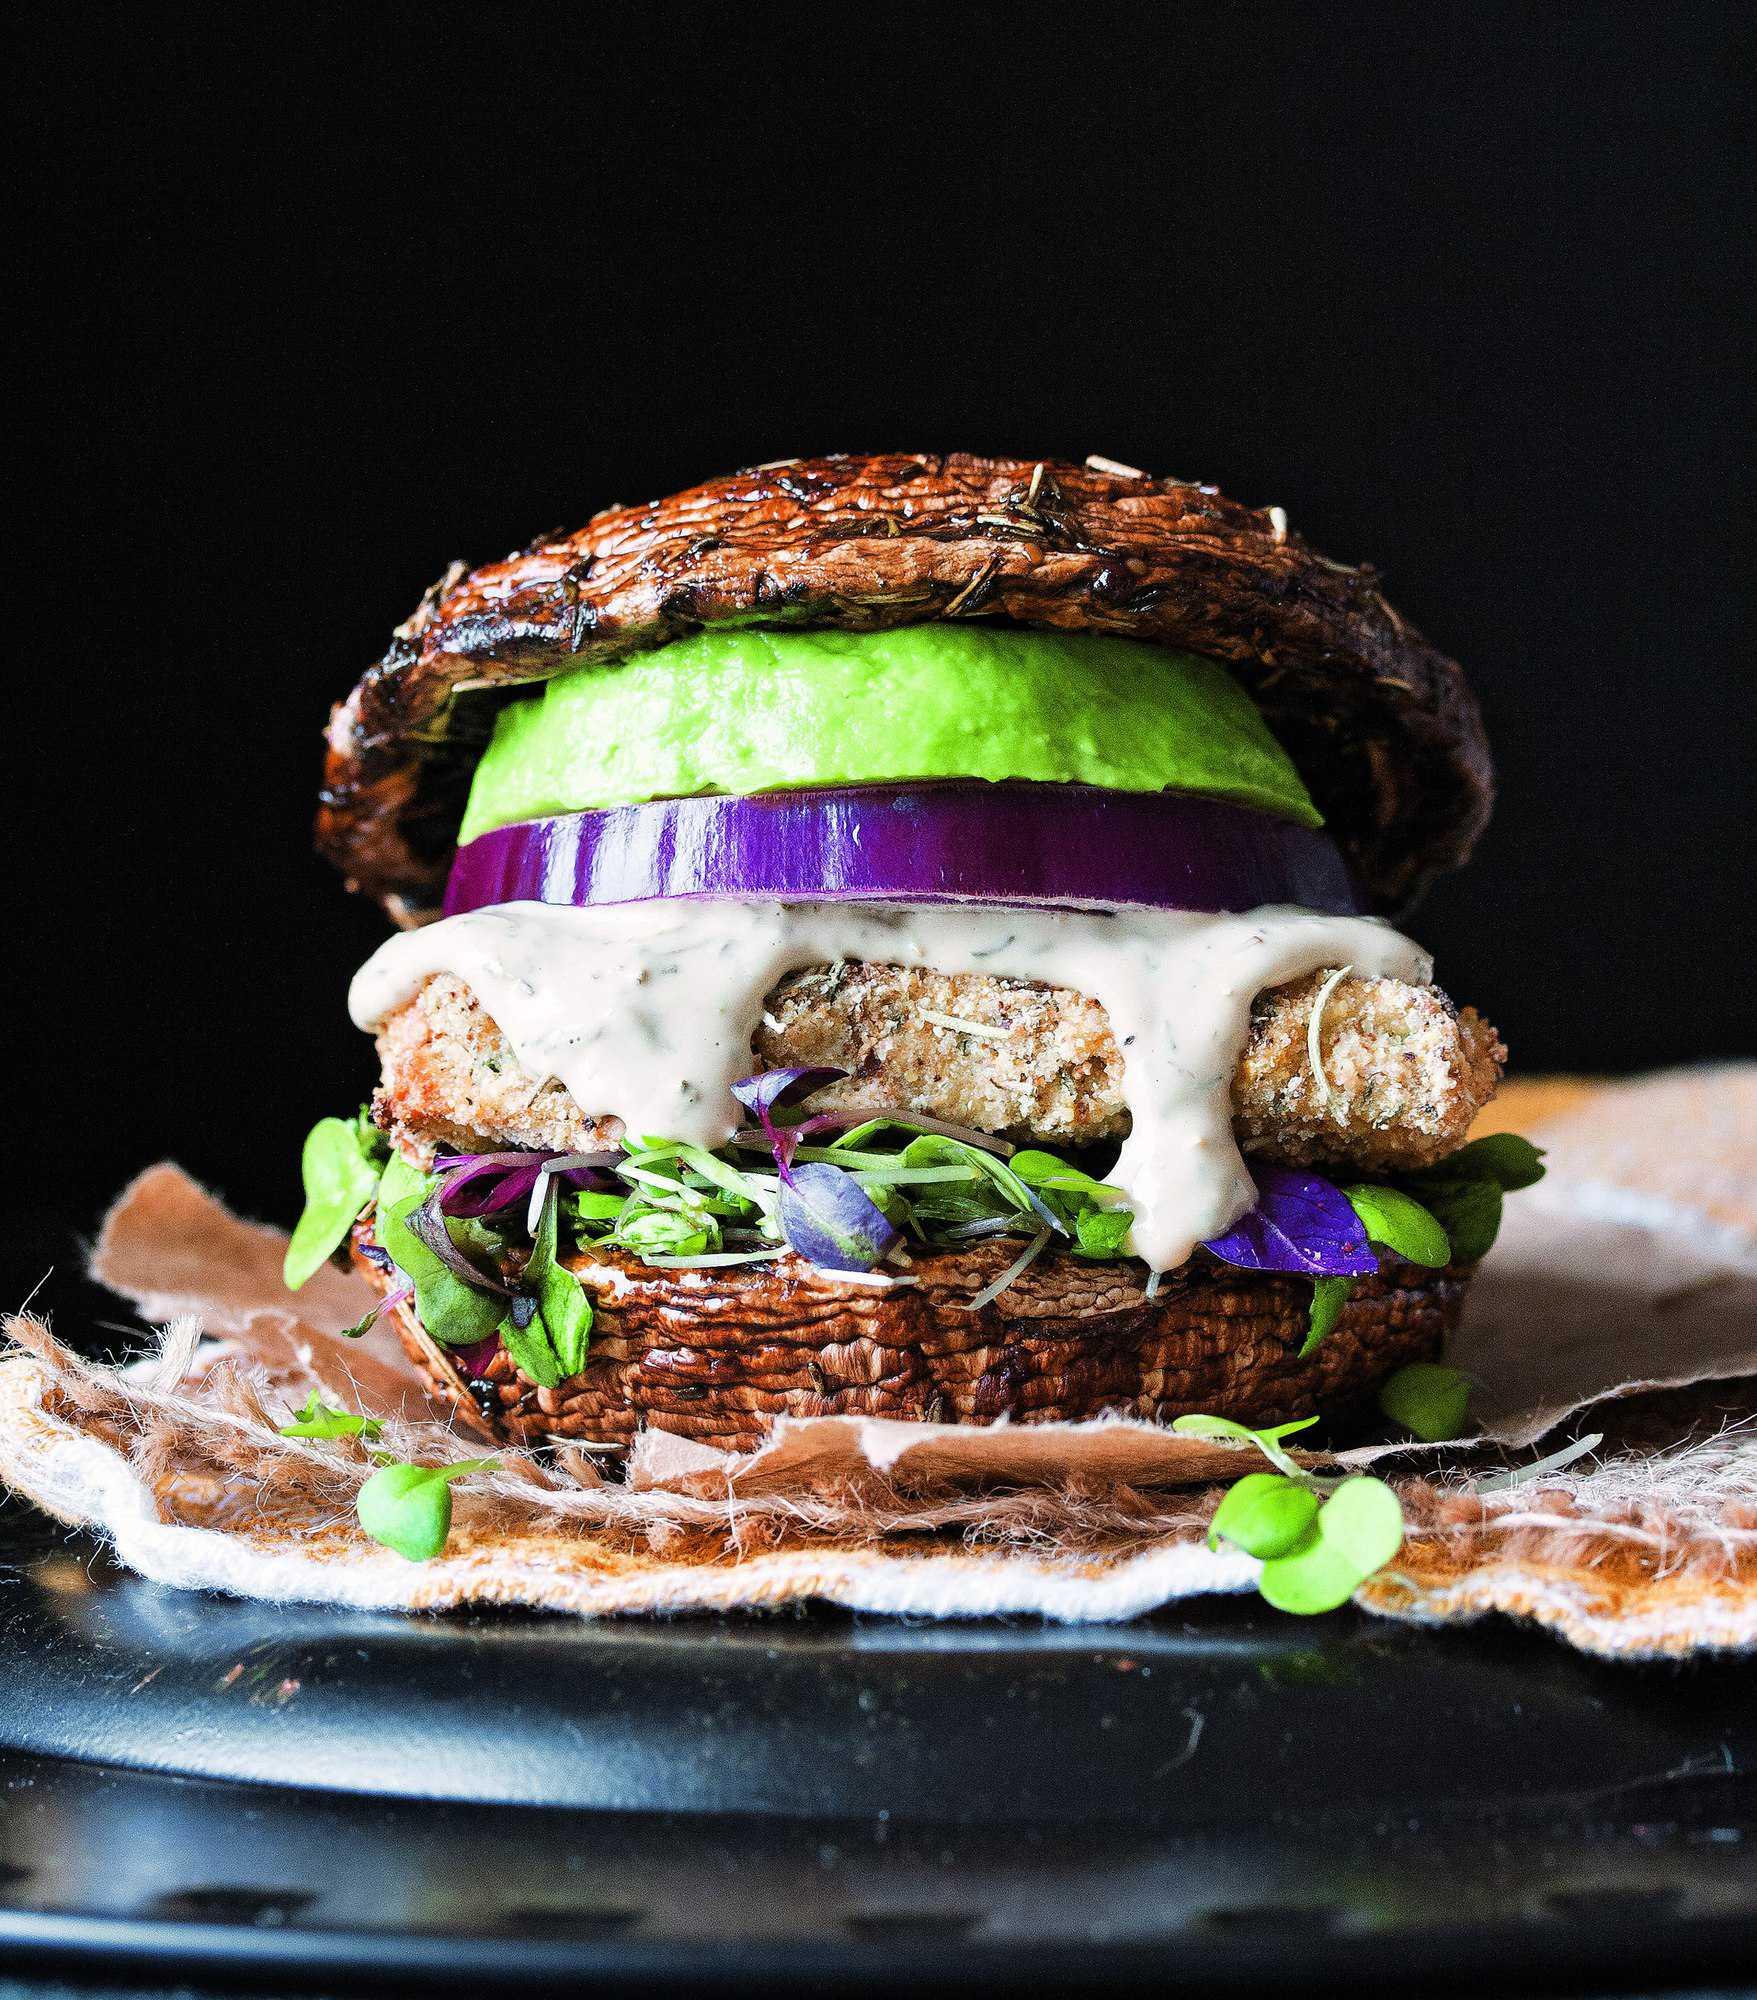 Vegan Portobello Mushroom Burger Gluten Free The Blender Girl